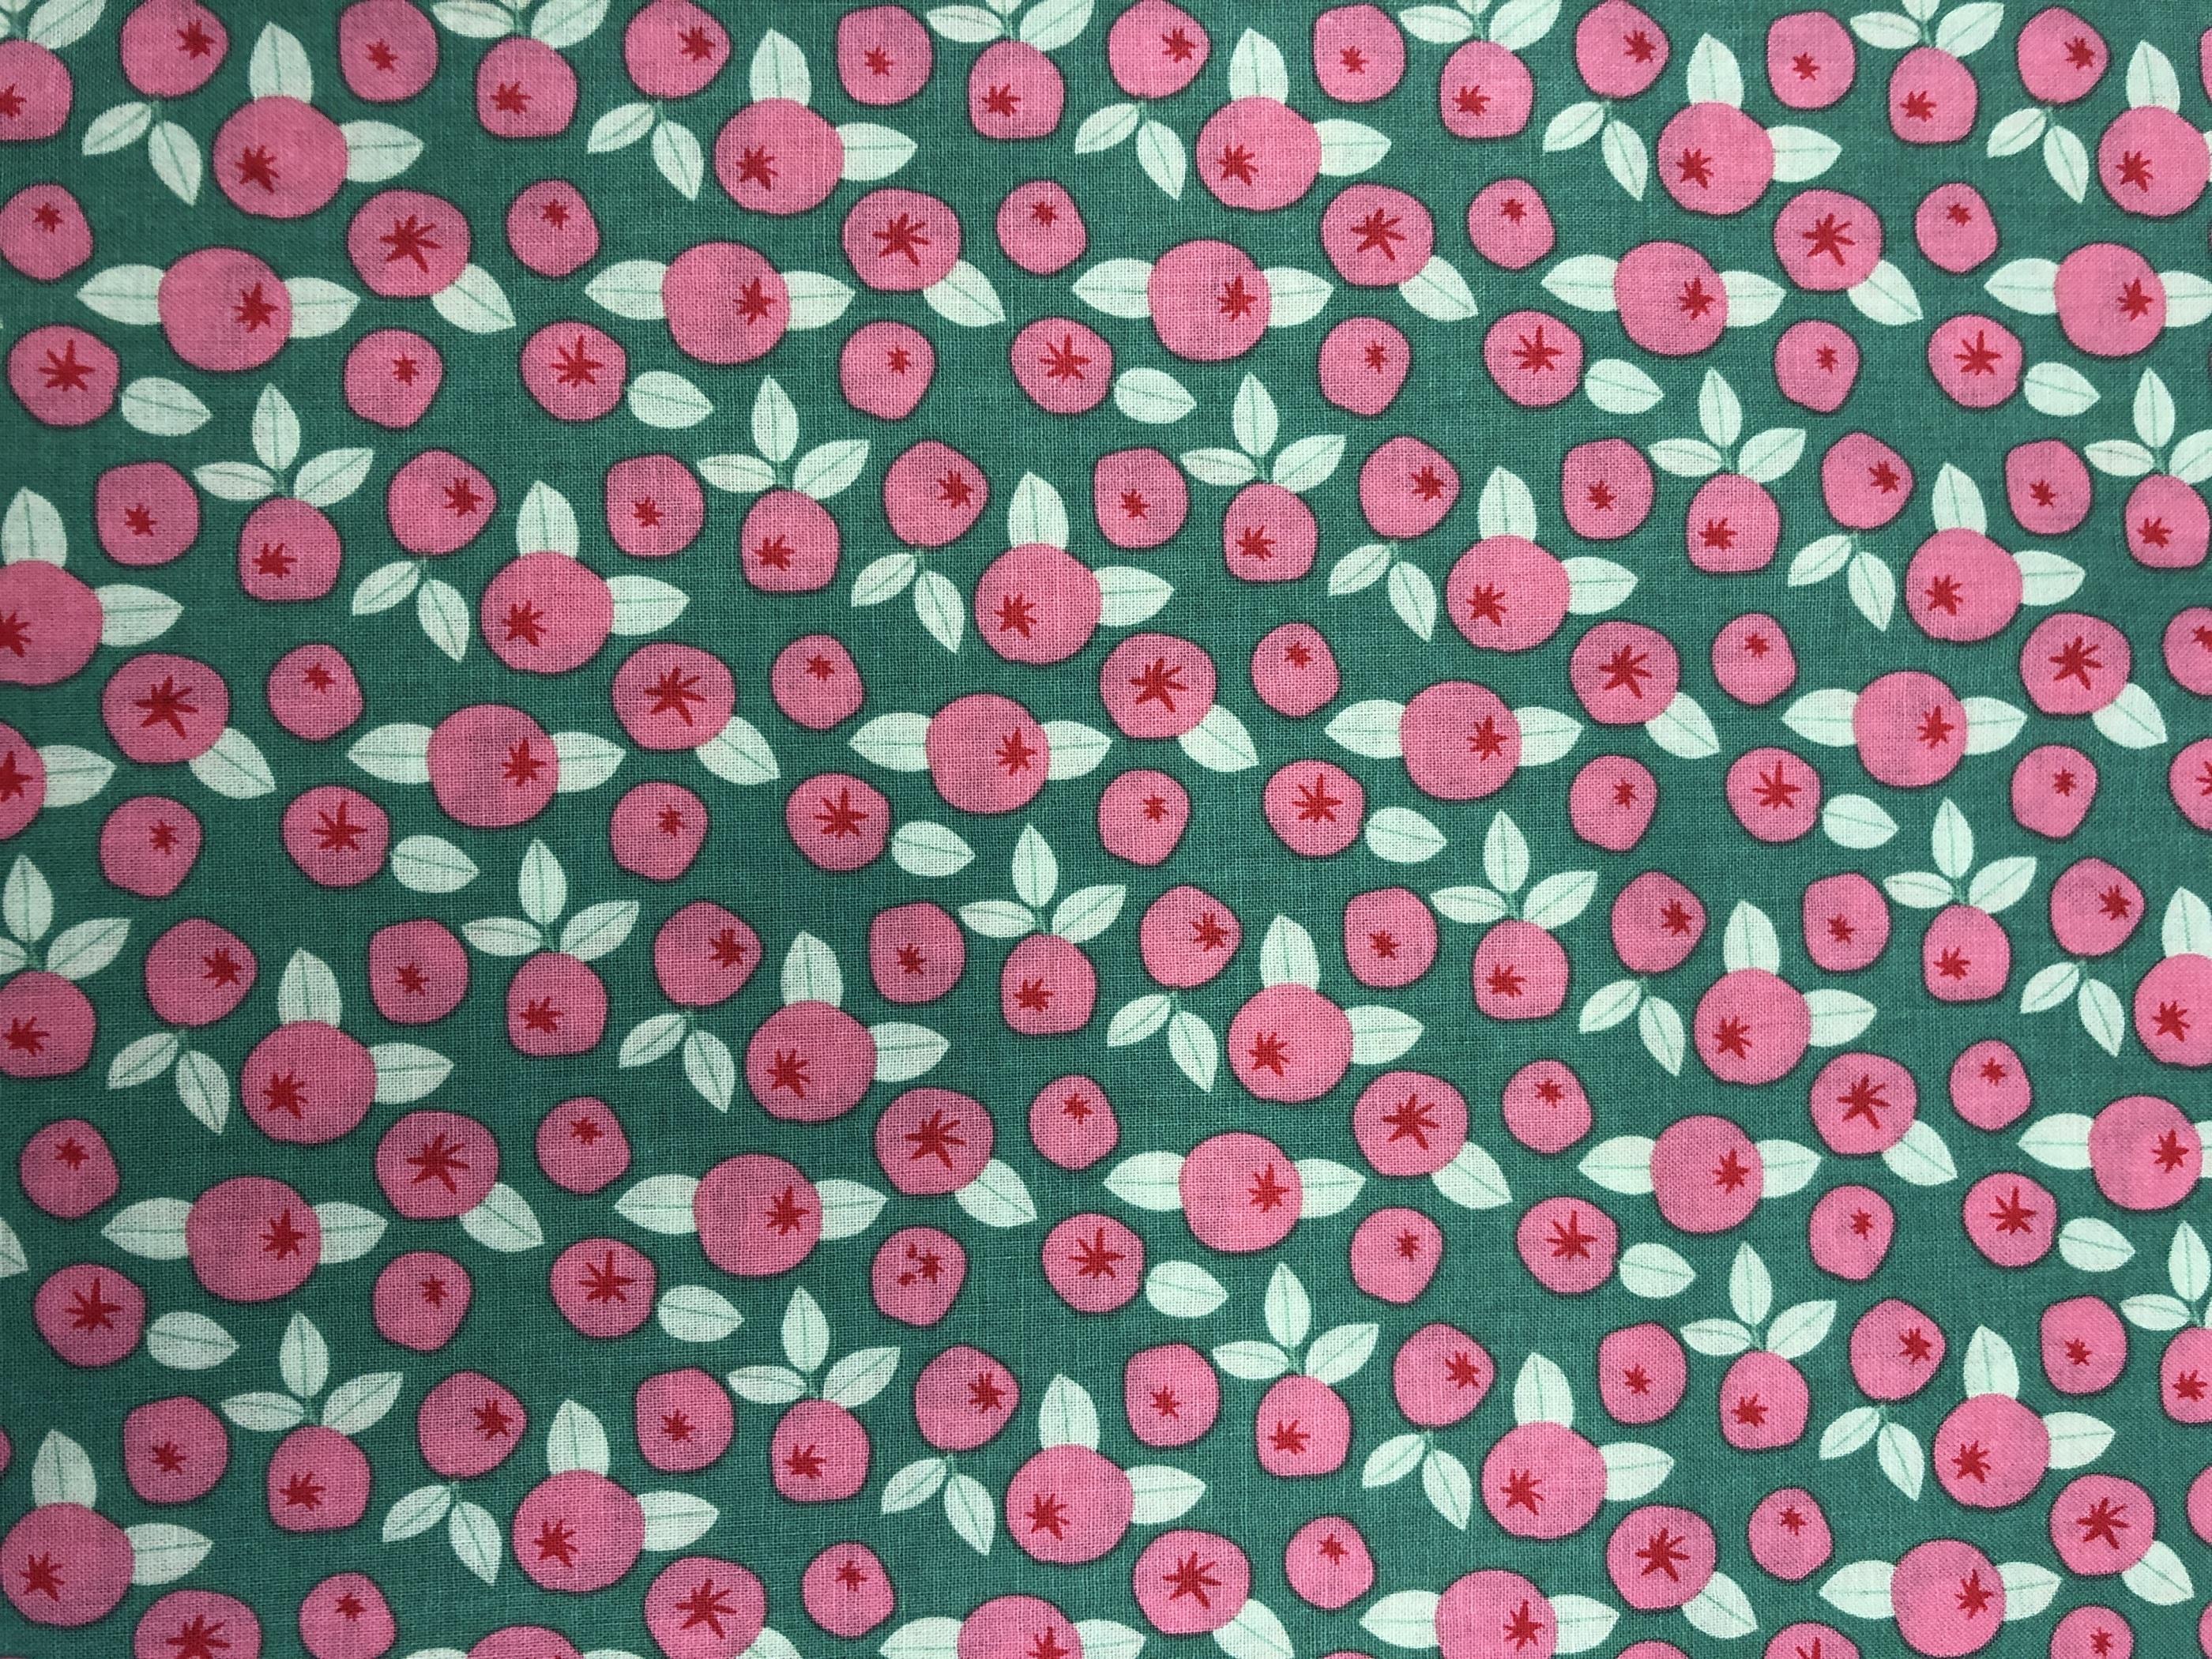 Bär bomull bomullstyg grön rosa lingon blåbär metervara Tyglust Laholm